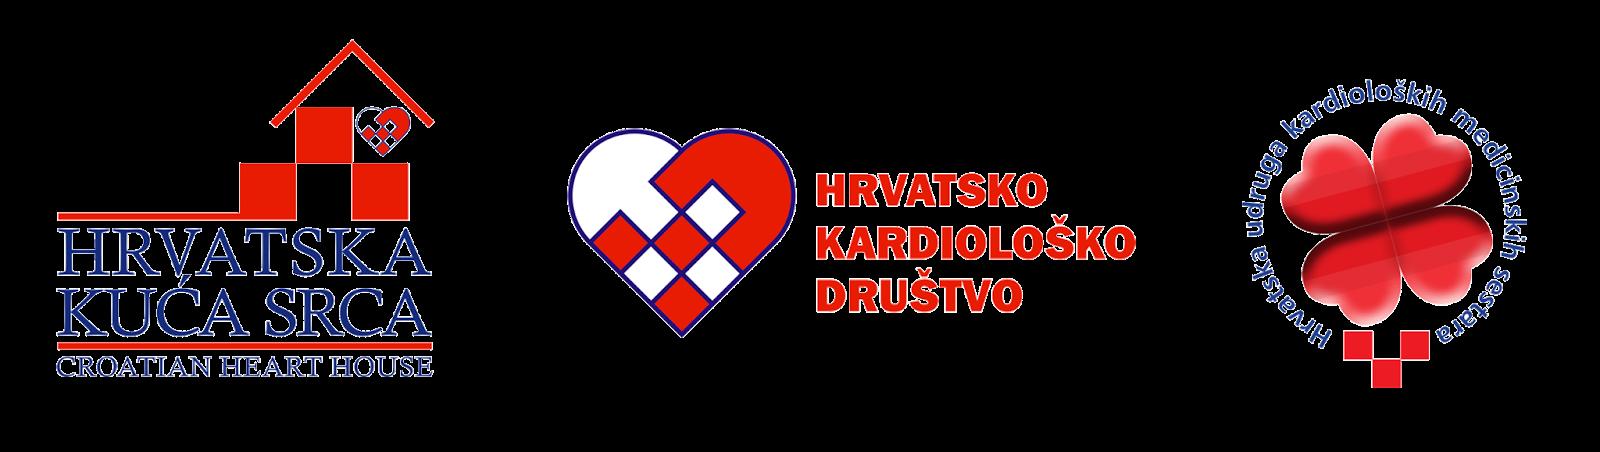 Pokretači projekta čuvari srca koji brinu o bolesti srca, Kardiovaskularne bolesti